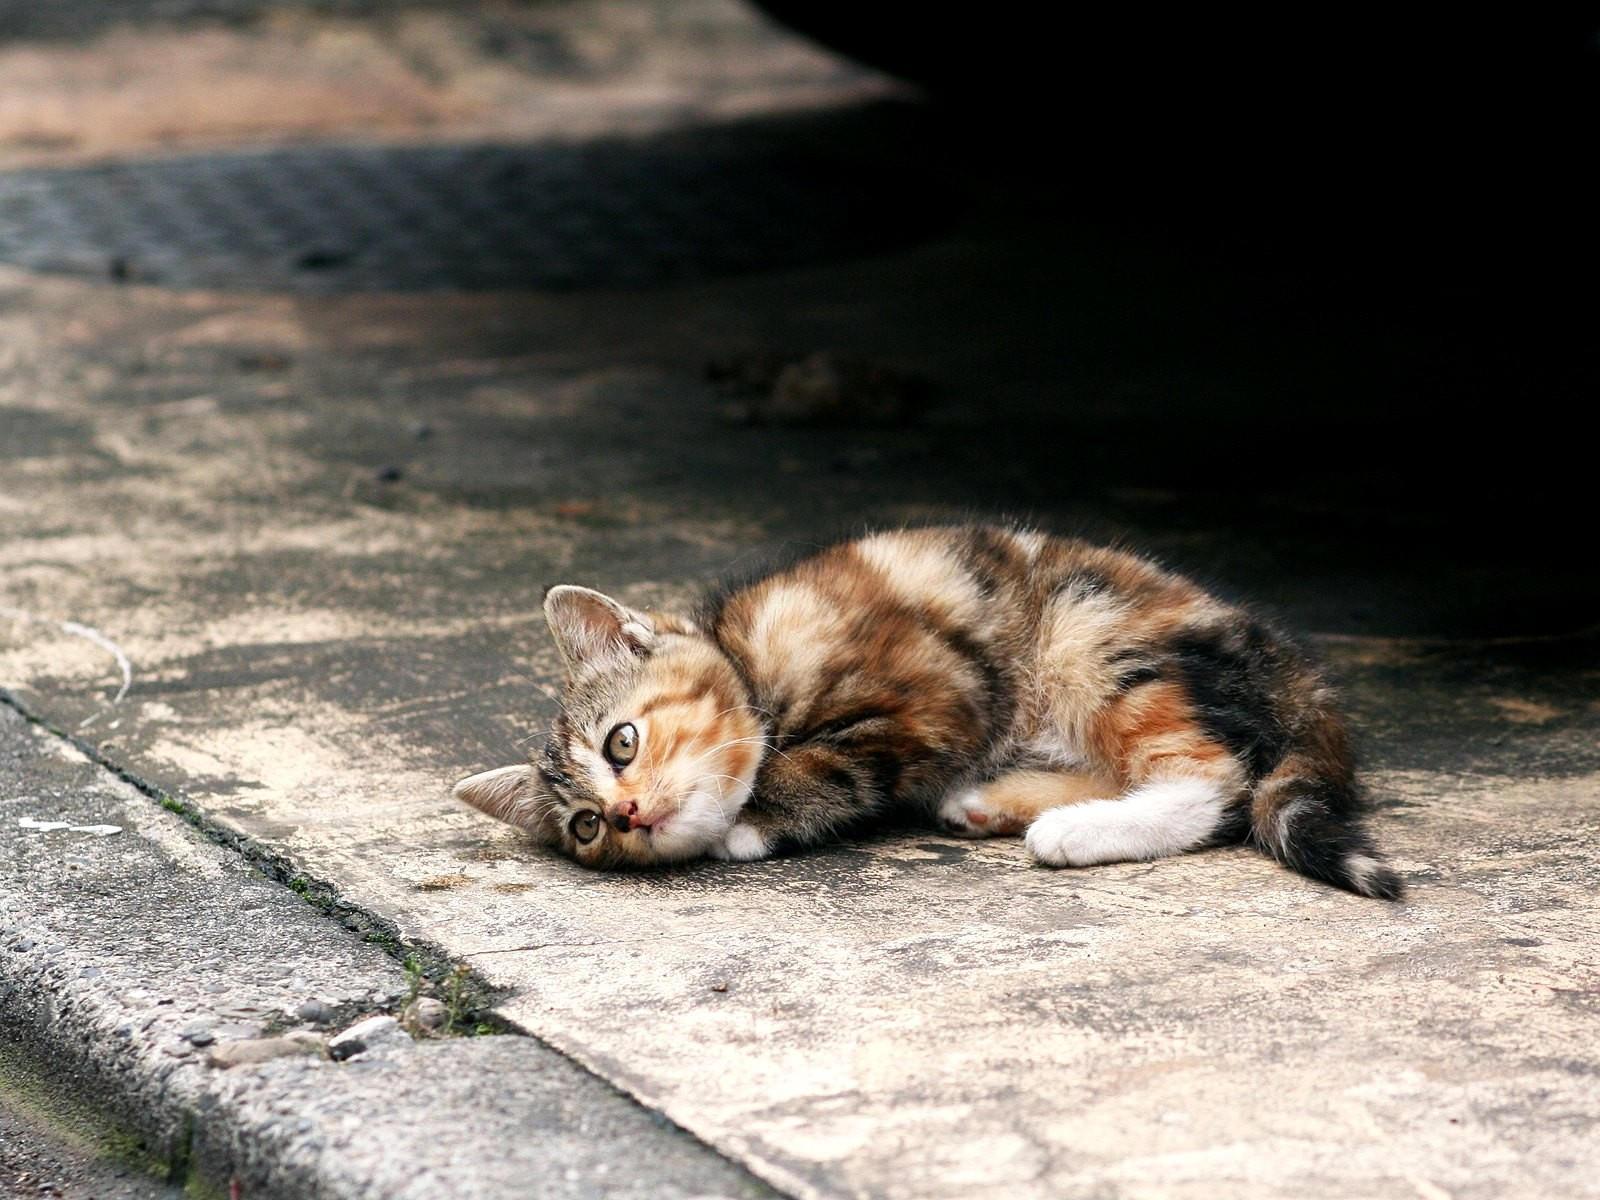 Котенок лежит на асфальте